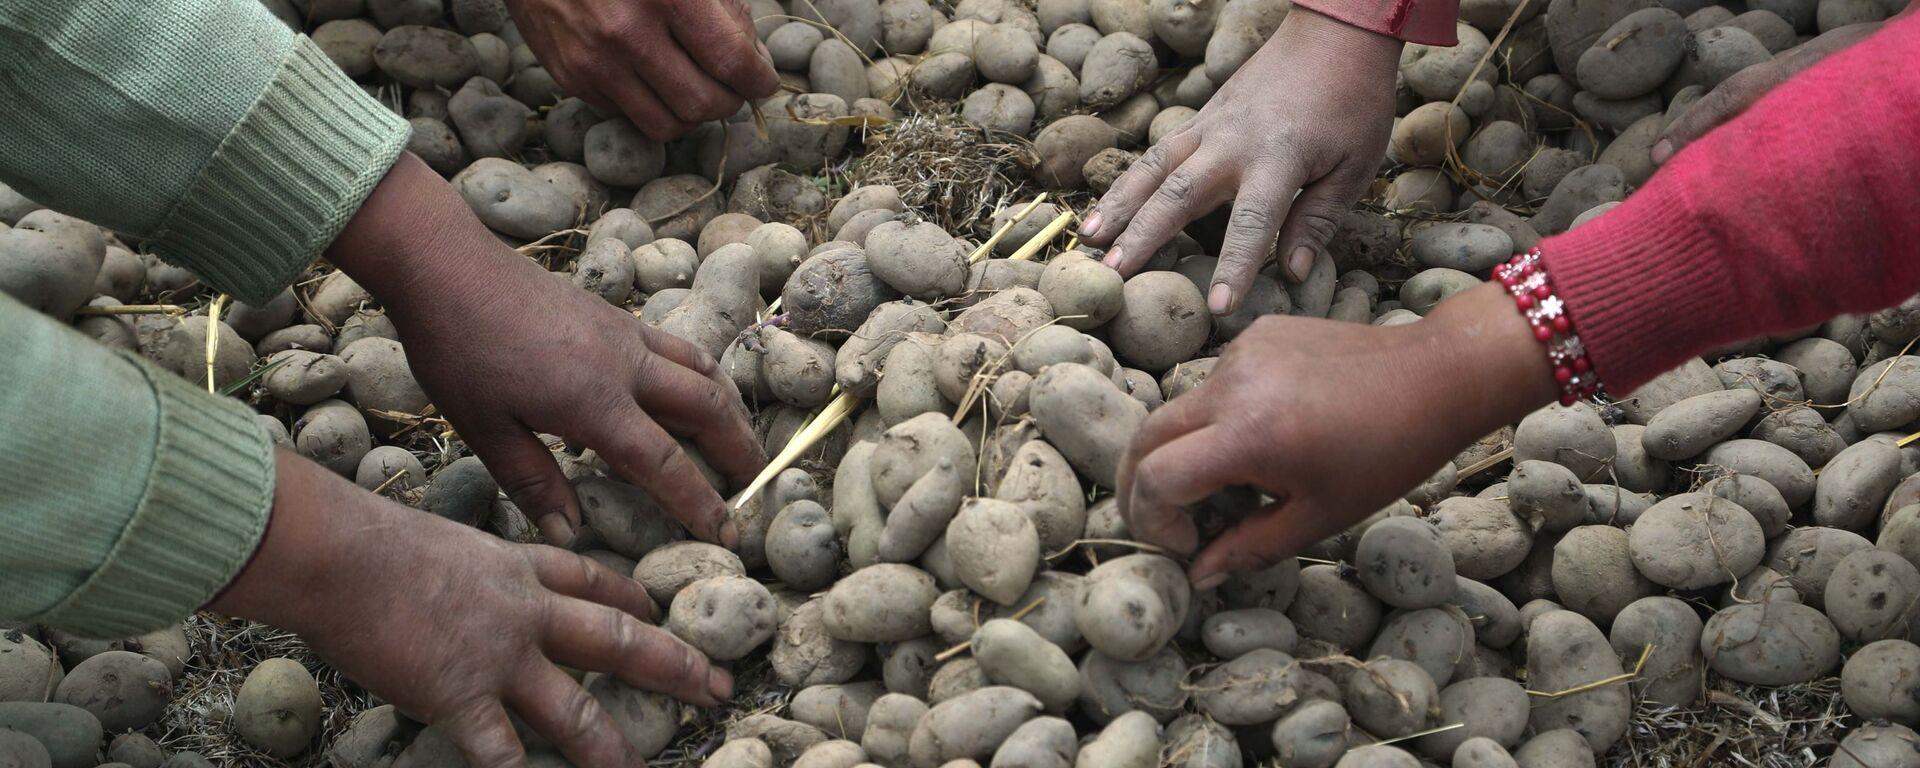 Урожай картофеля, фото из архива - Sputnik Азербайджан, 1920, 25.09.2021